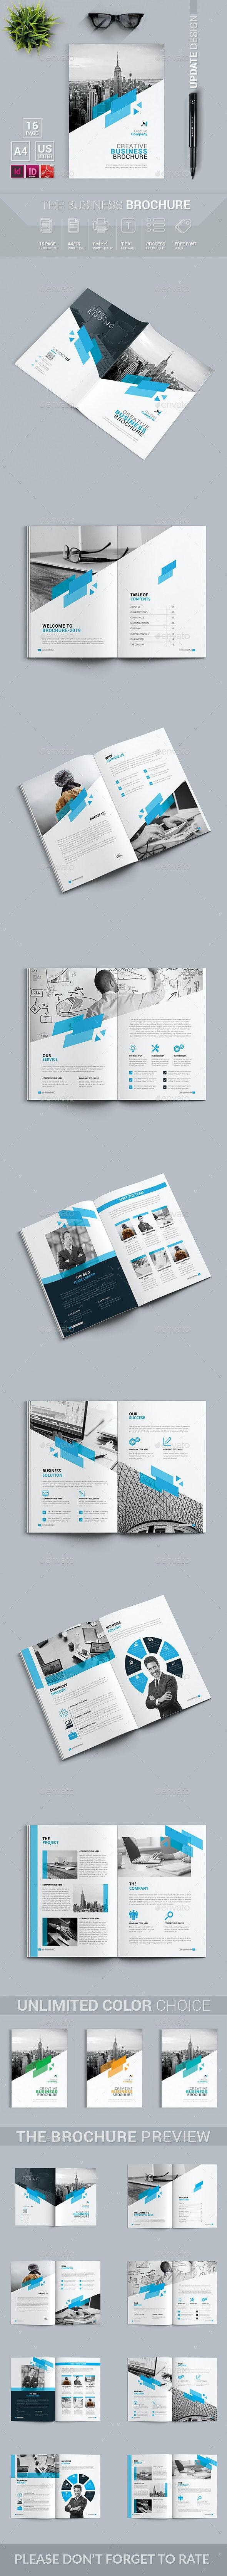 قالب ایندیزاین بروشور Brochure